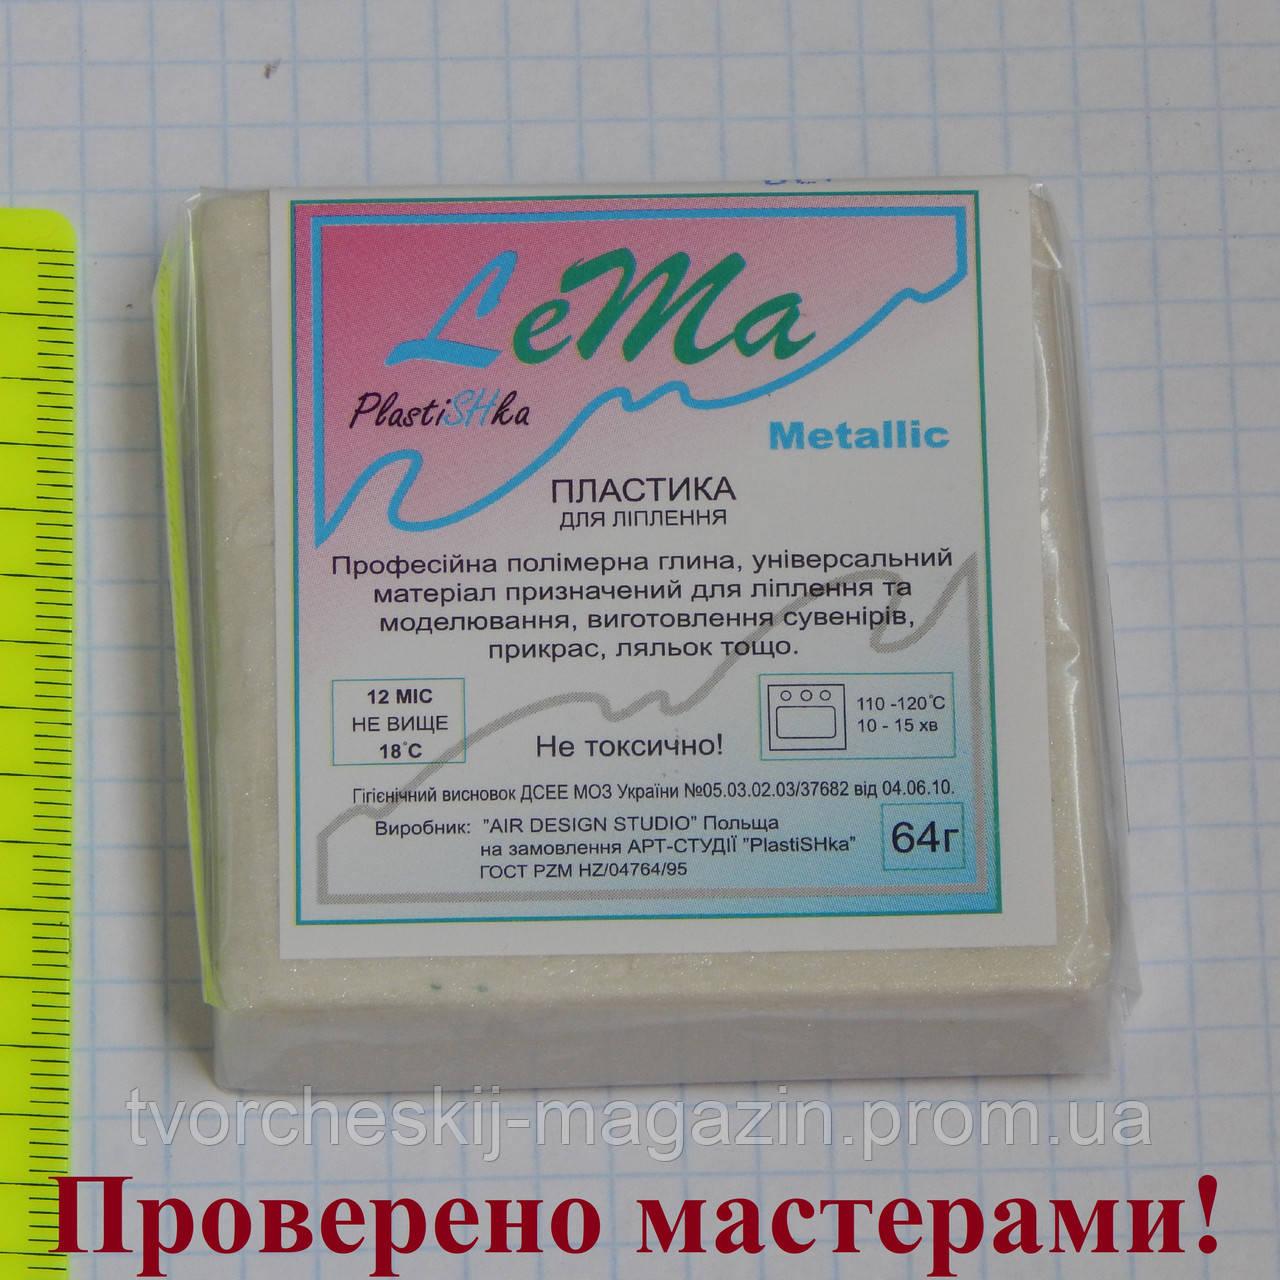 Полимерная глина LEMA (Лема), цвет серебристый металлик, 64 г.